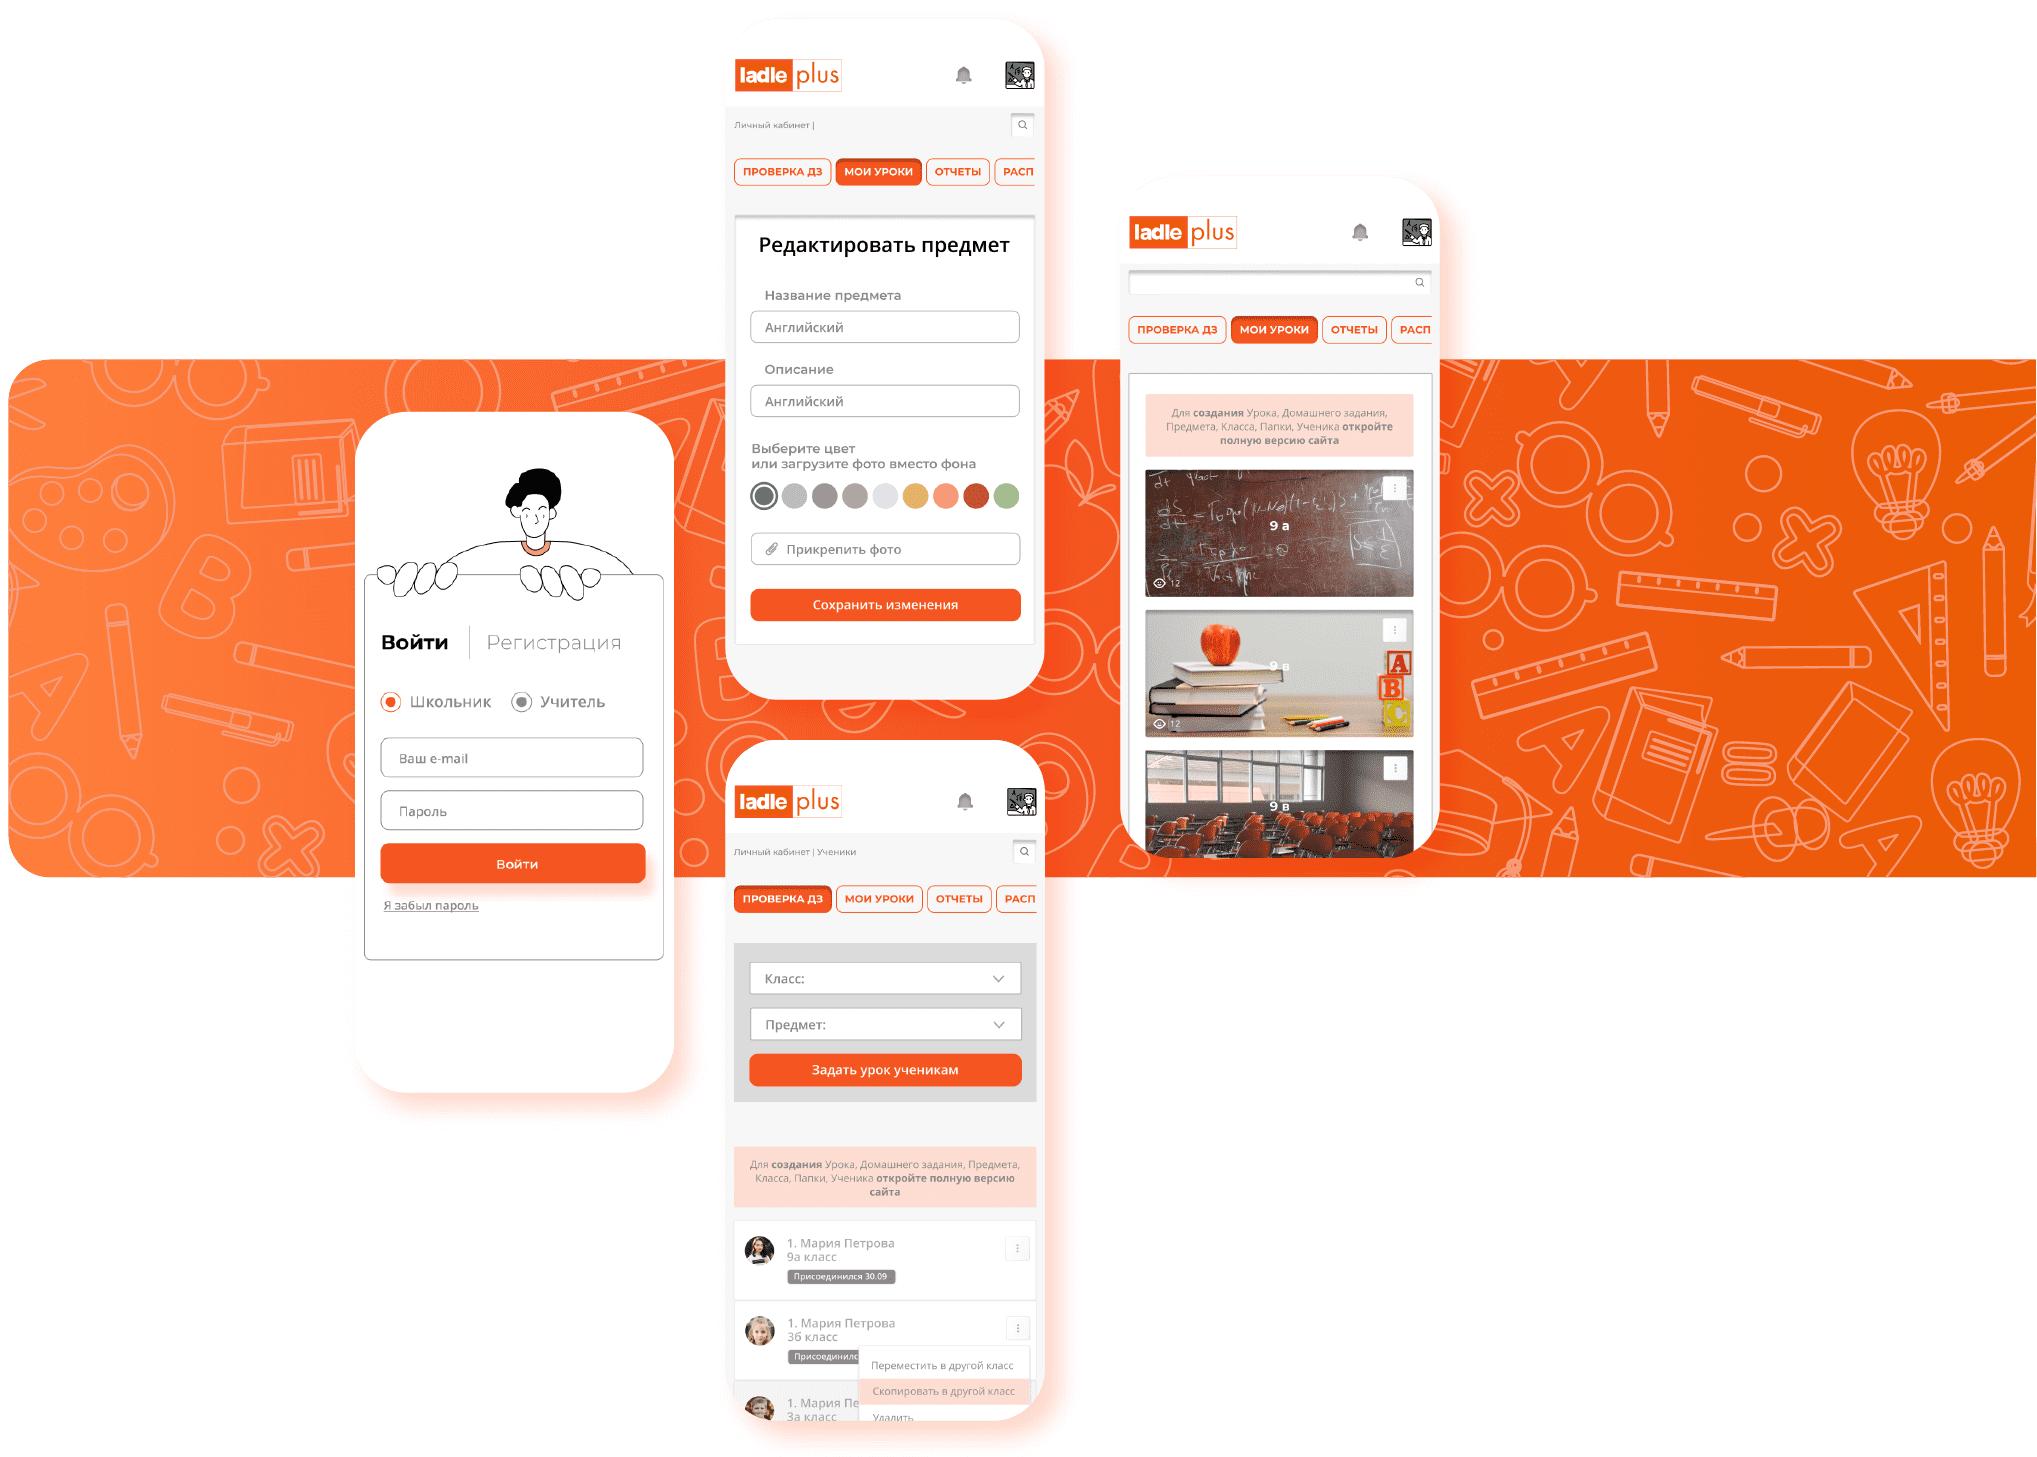 дизайн сайта образовательного портала мобильная версия